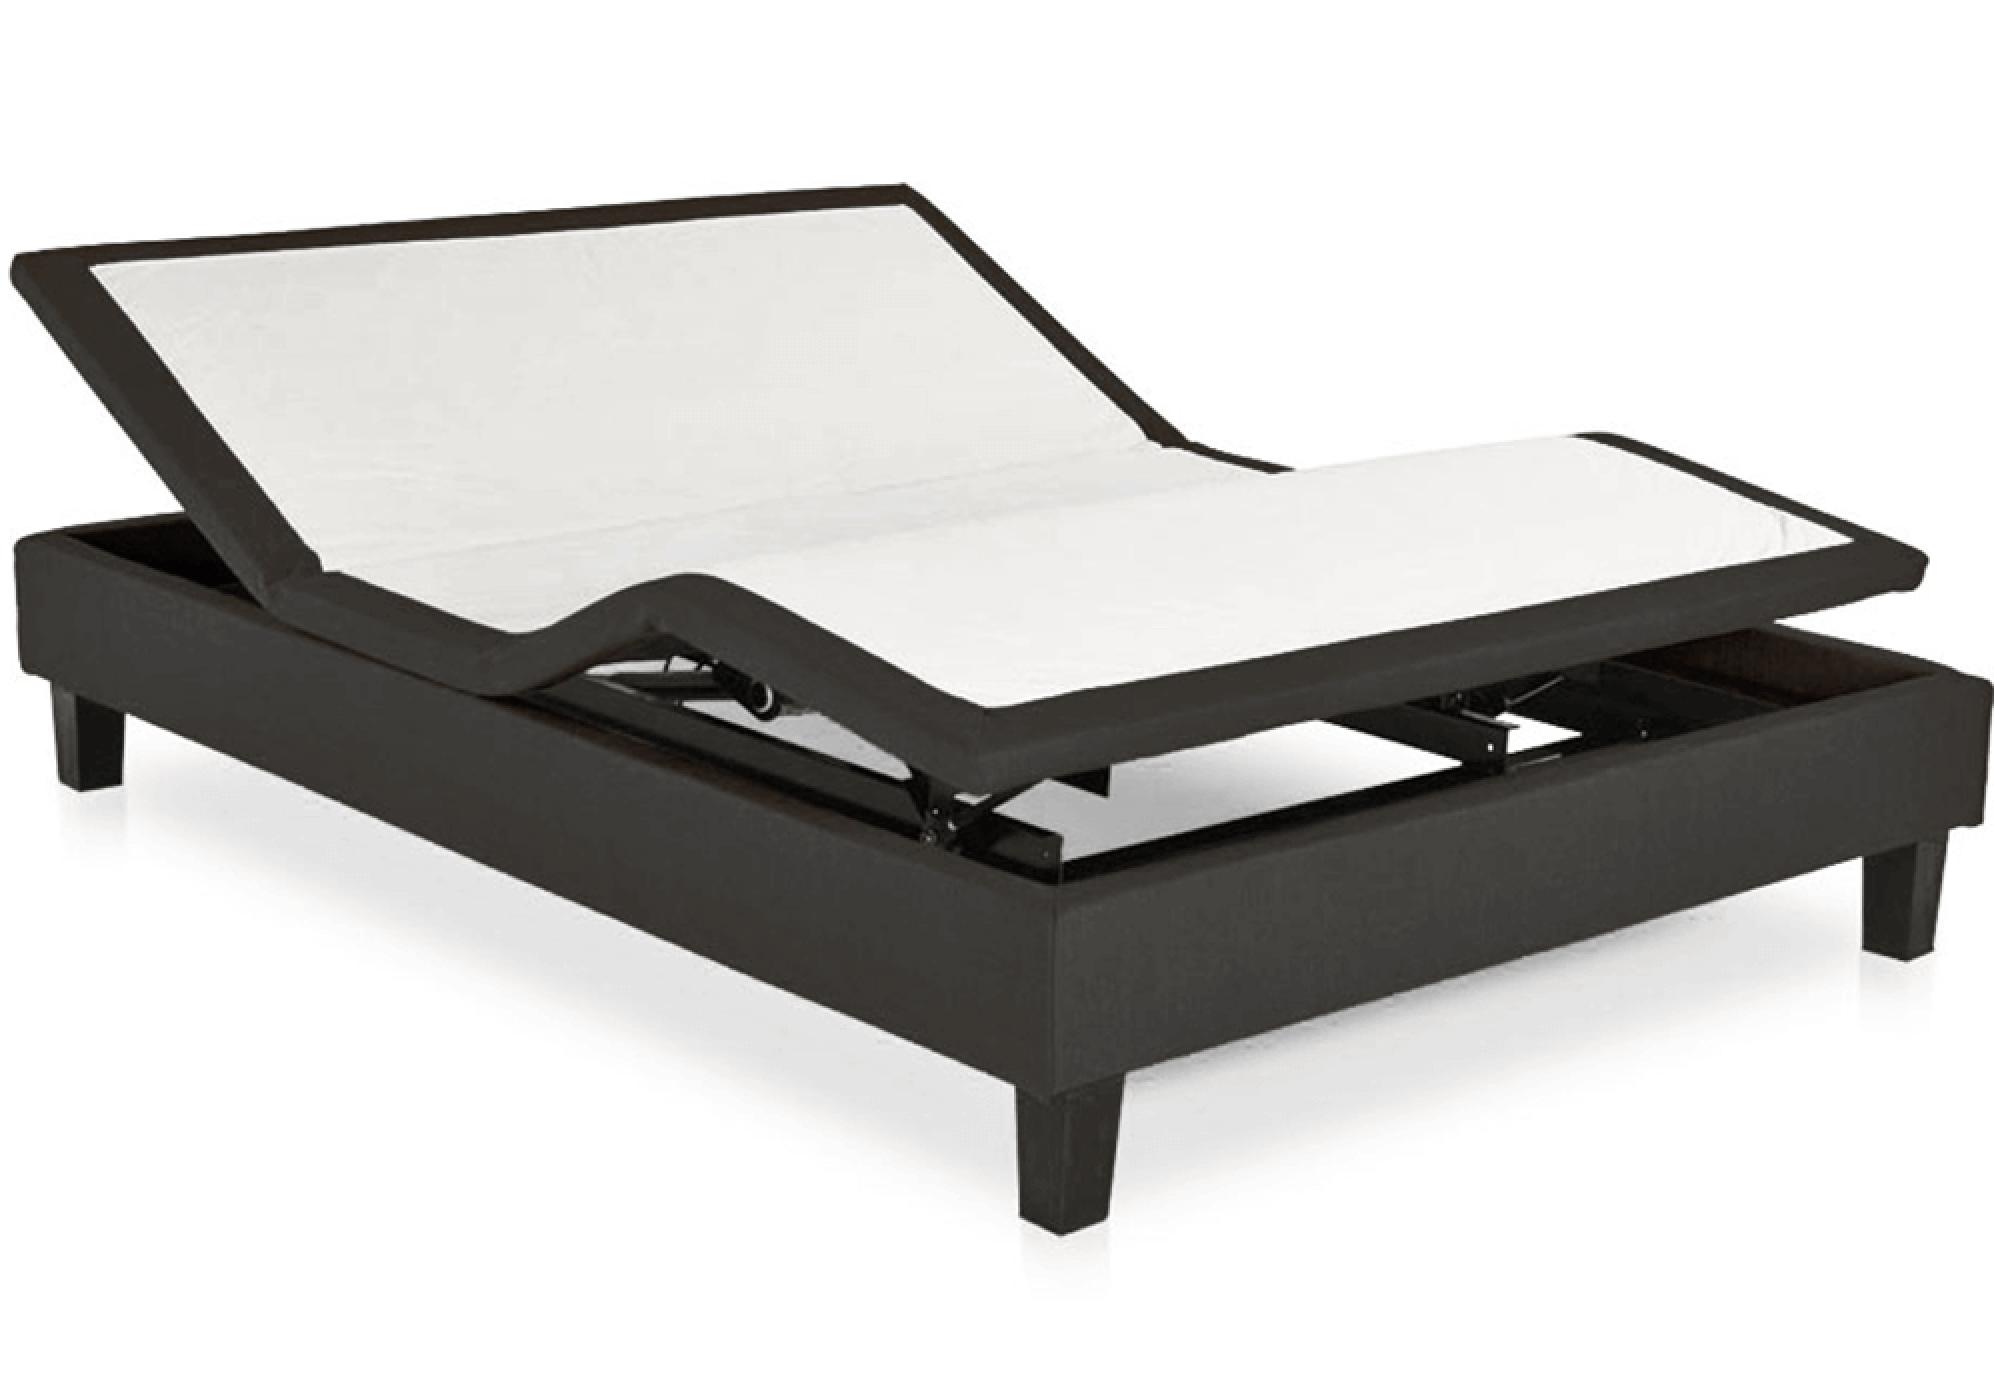 adjustable power base bioposture. Black Bedroom Furniture Sets. Home Design Ideas